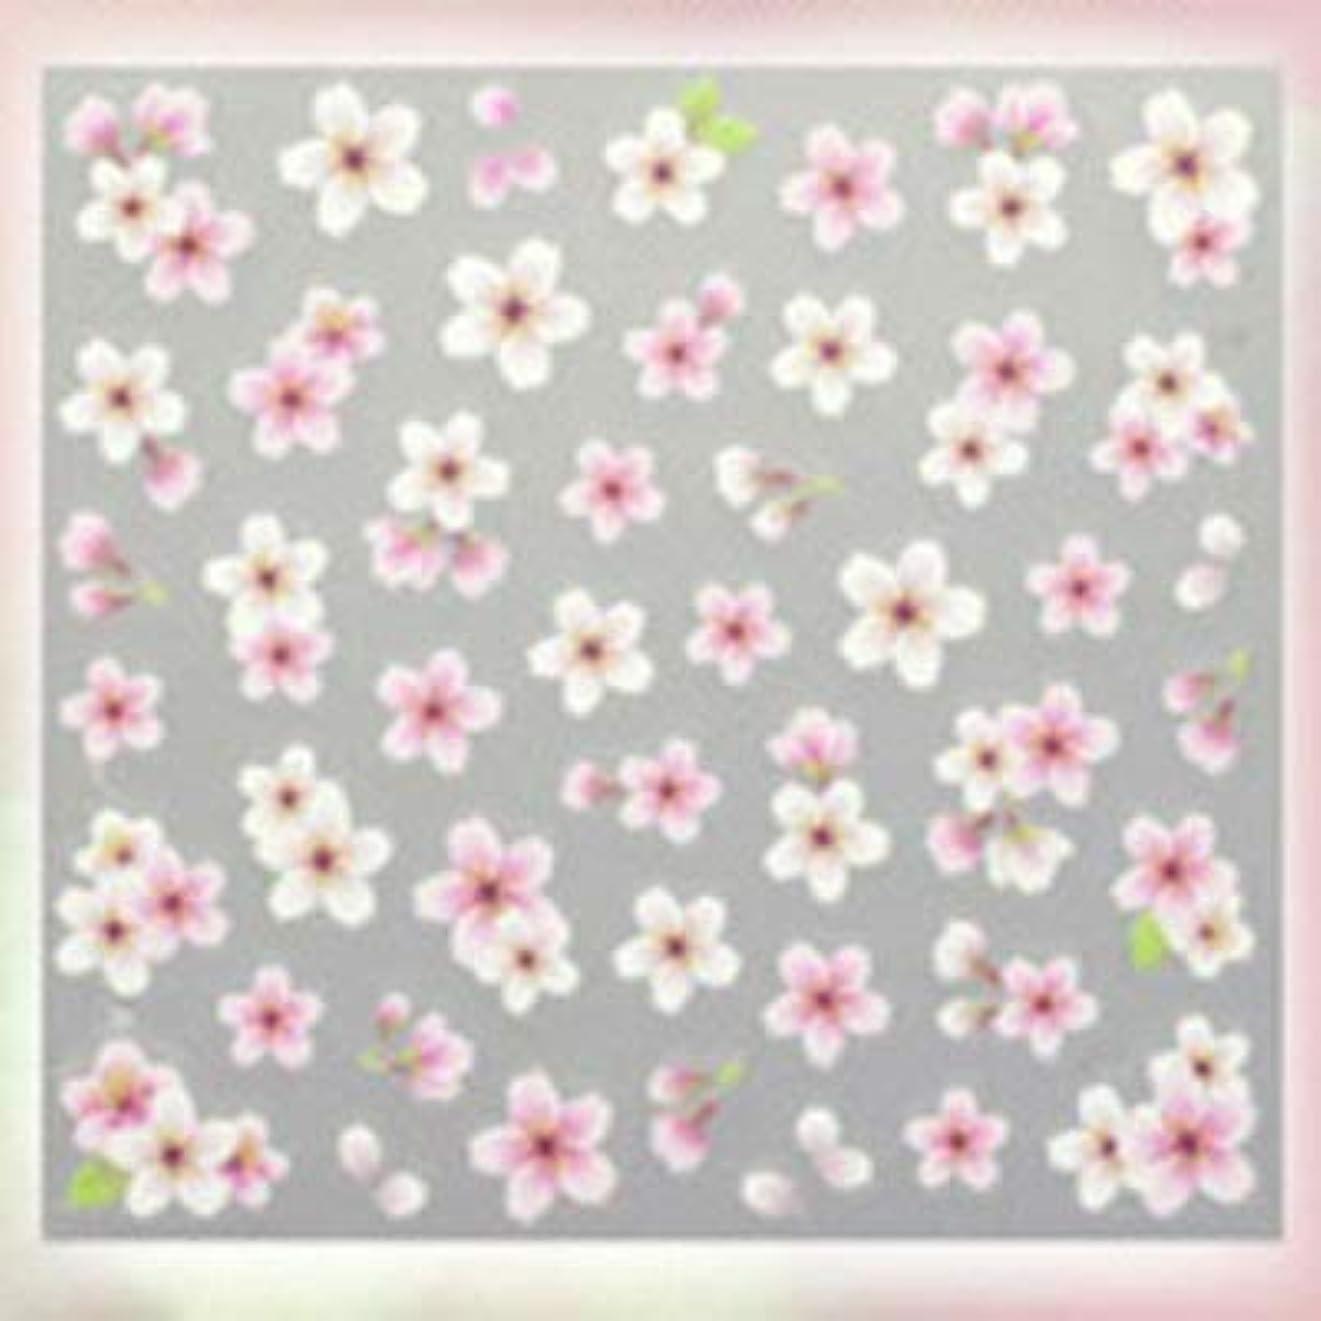 真実レールママSHAREYDVA ネイルシール 桜 ライトピンク